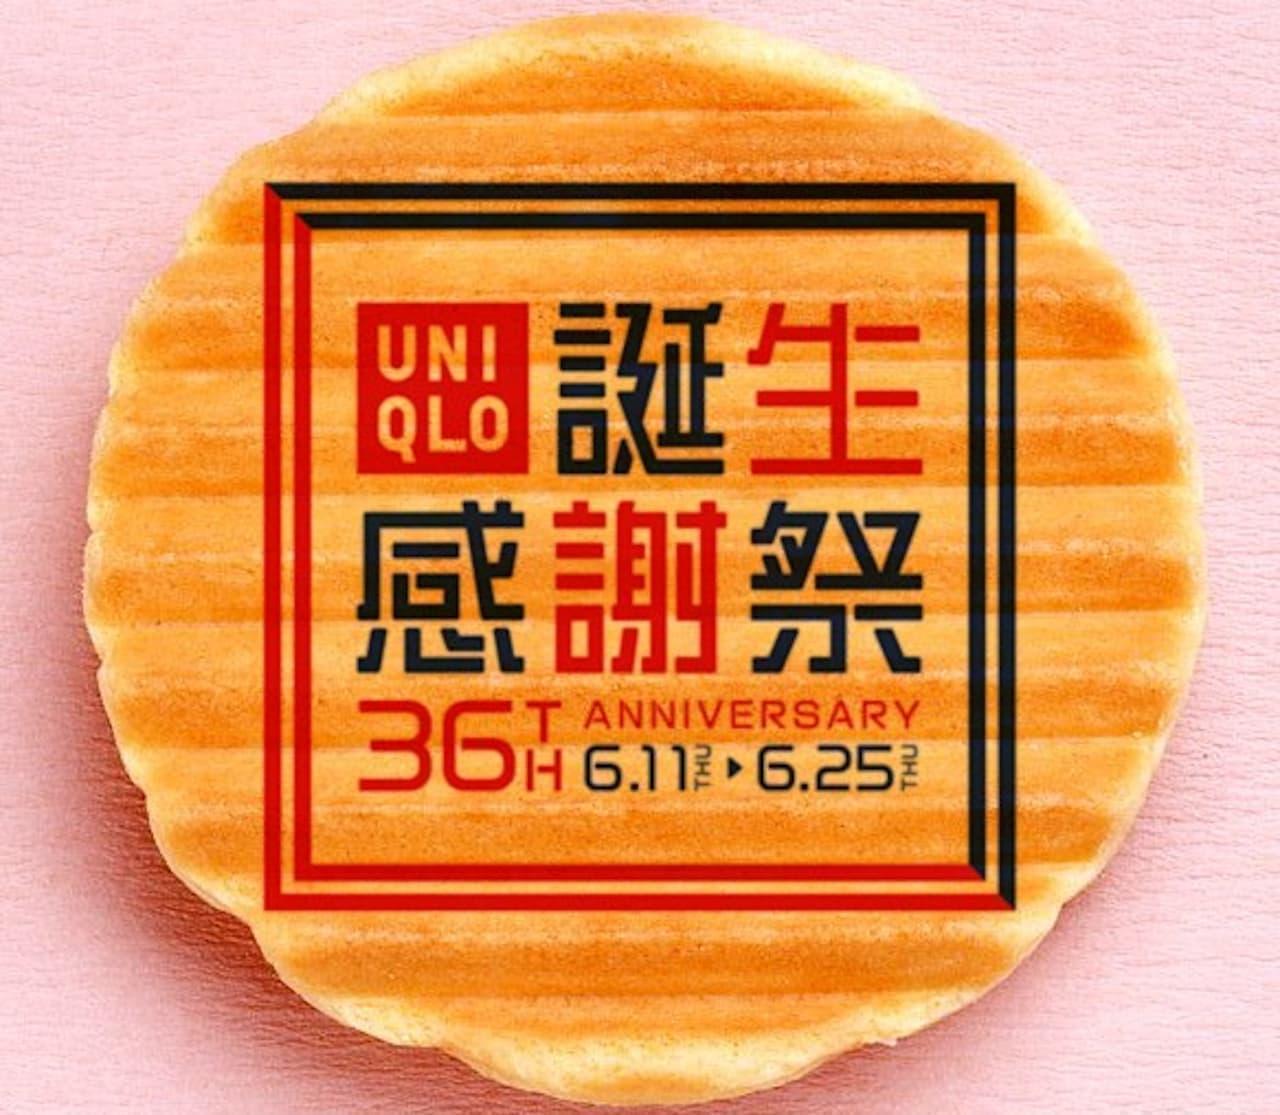 京都府内ユニクロで鼓月の「オリジナル千寿せんべい」